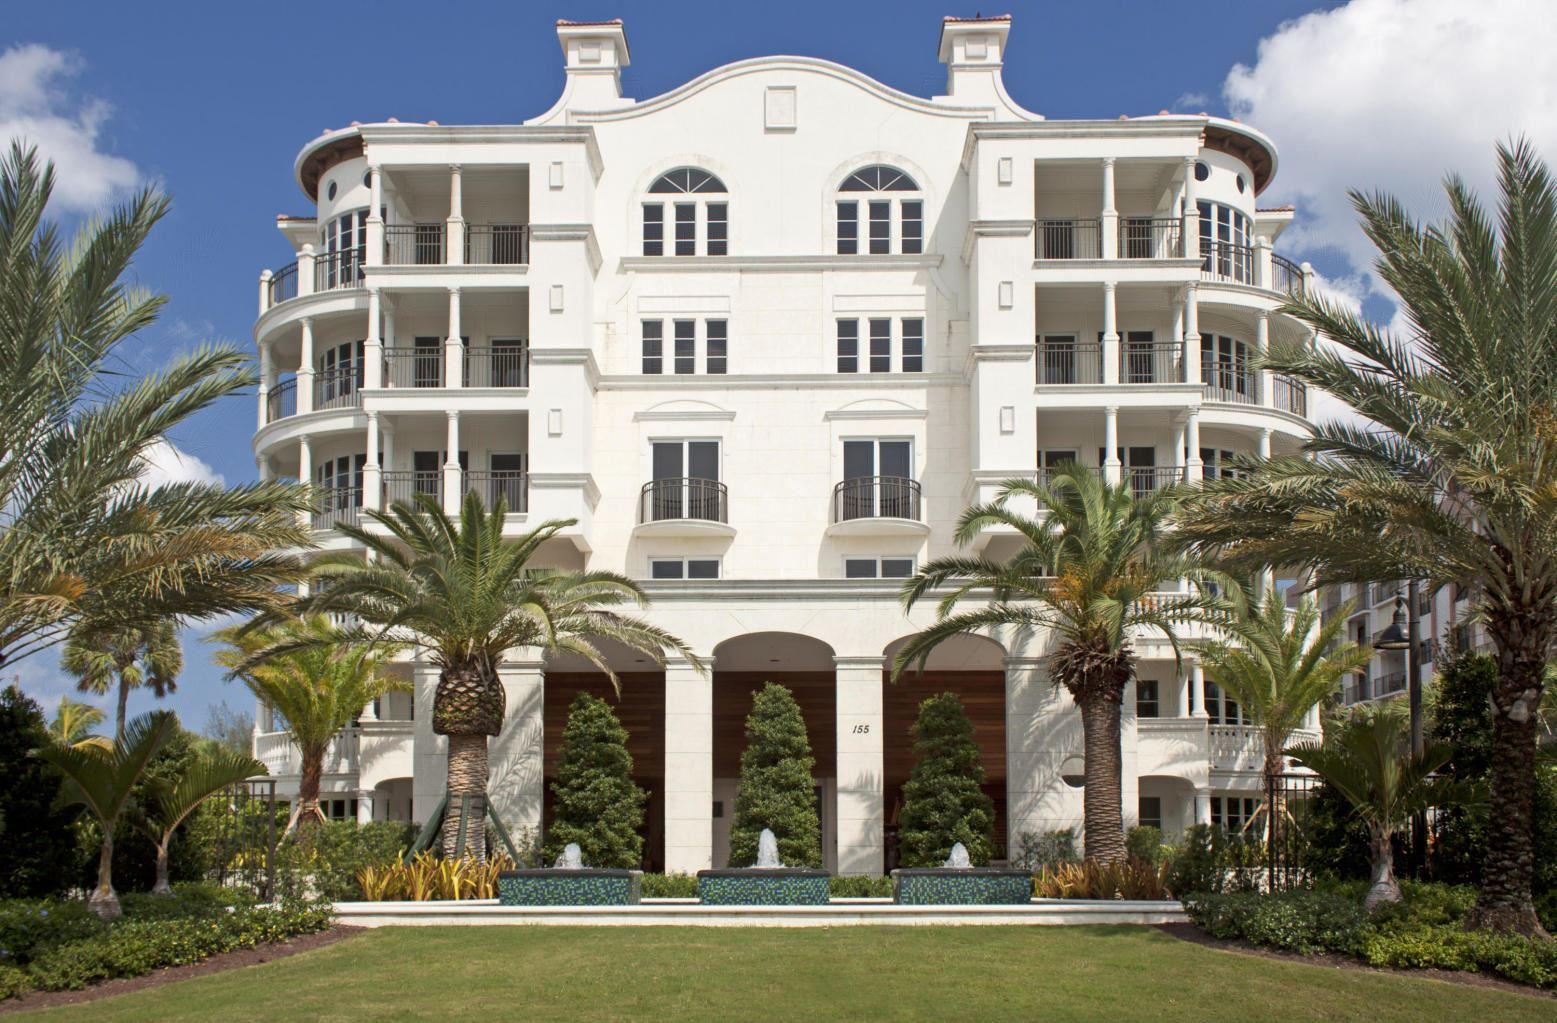 Photo of 155 S Ocean Avenue #205, Palm Beach Shores, FL 33404 (MLS # RX-10712982)